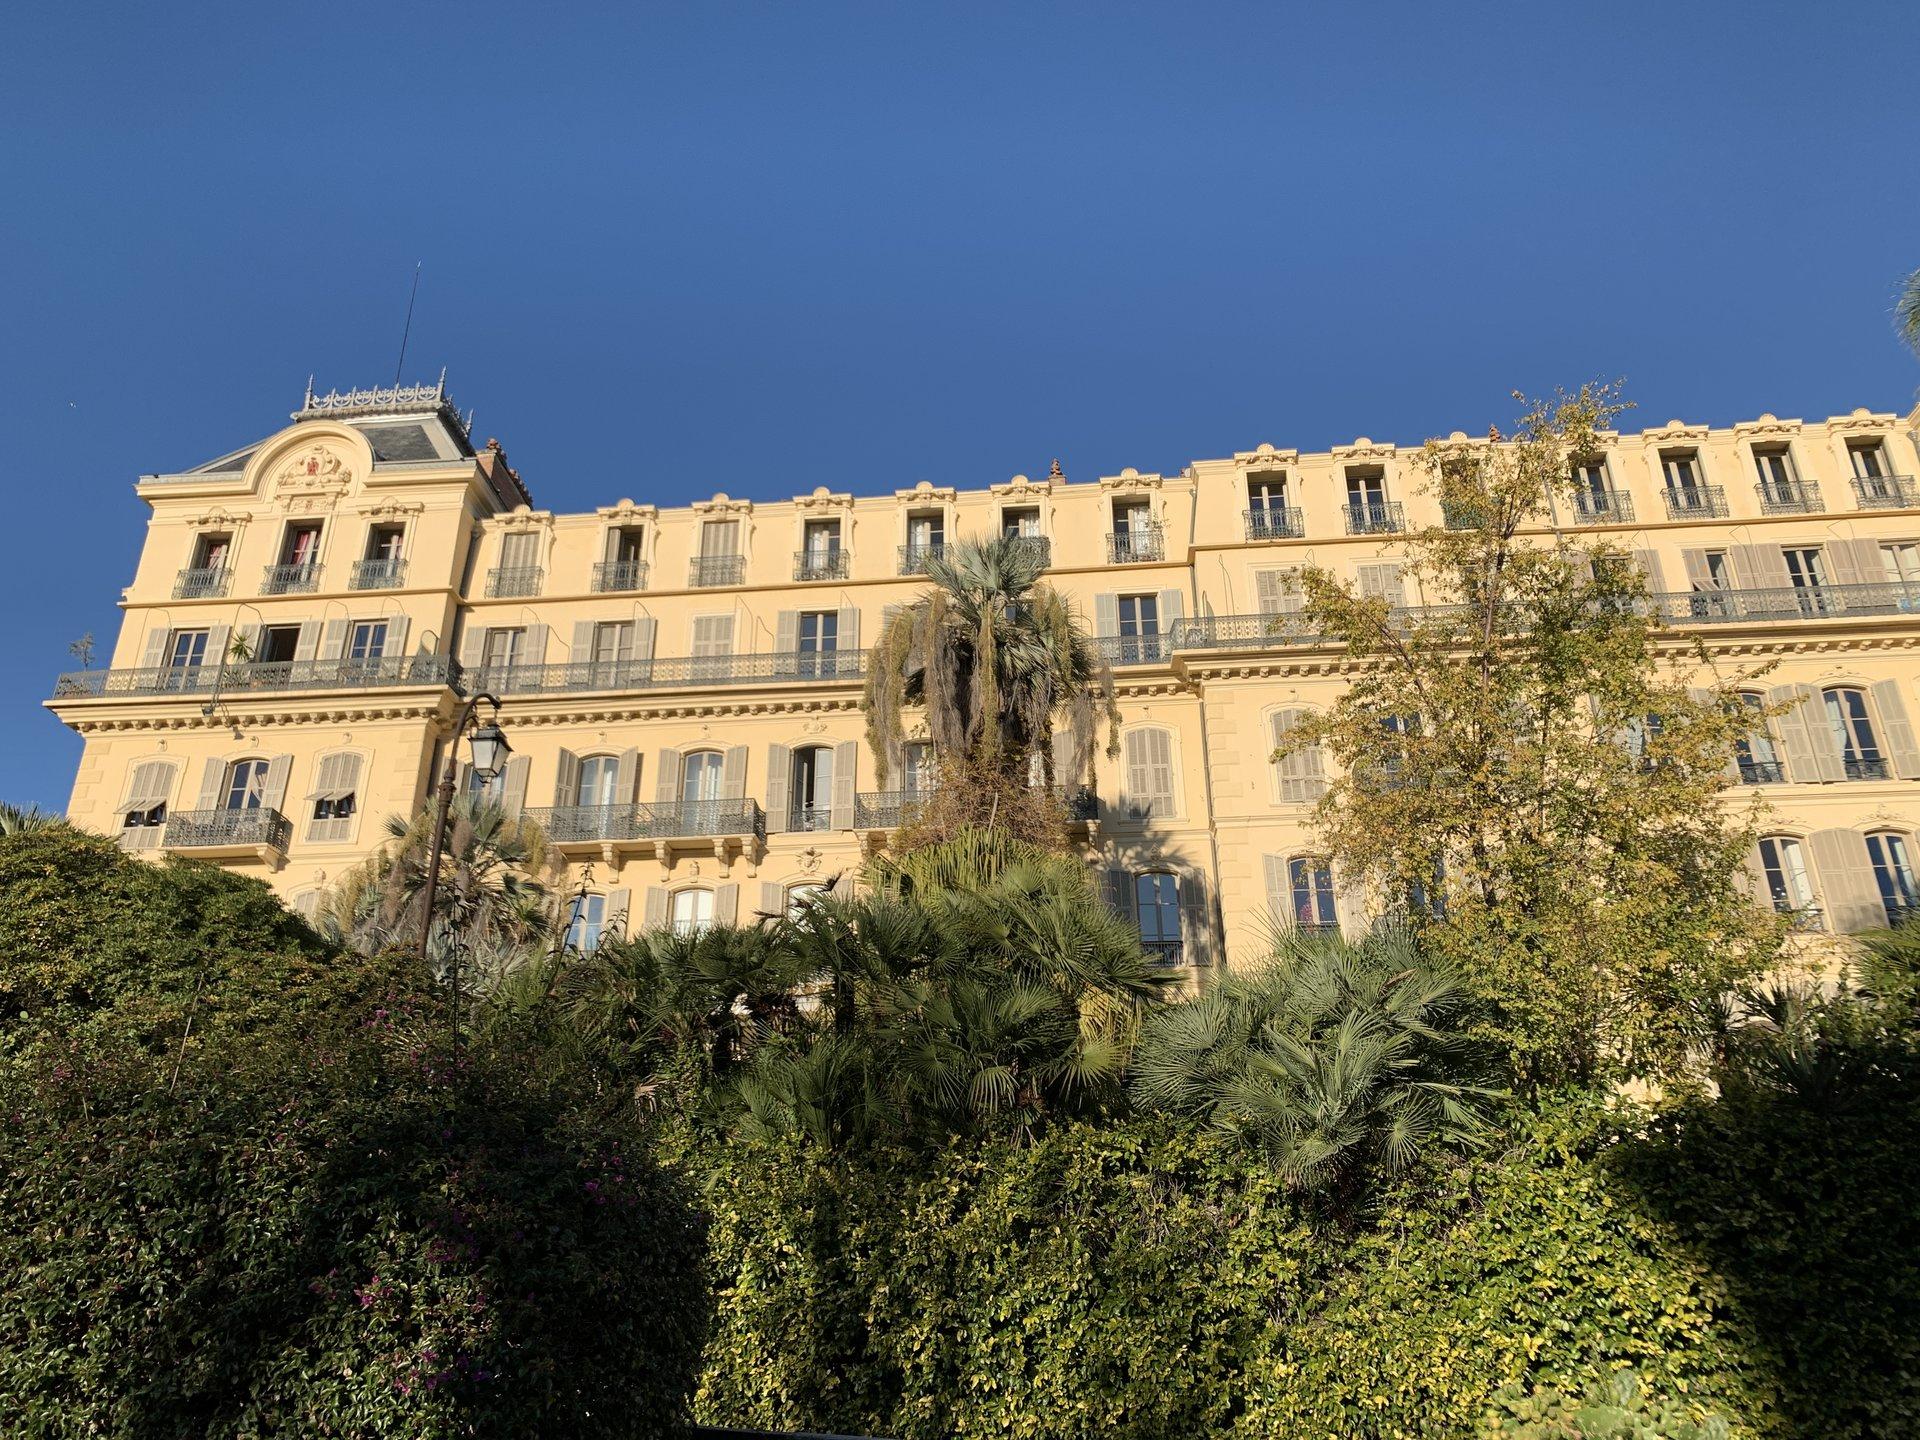 STUDETTE dans un Palais Niçois - Bd Carabacel